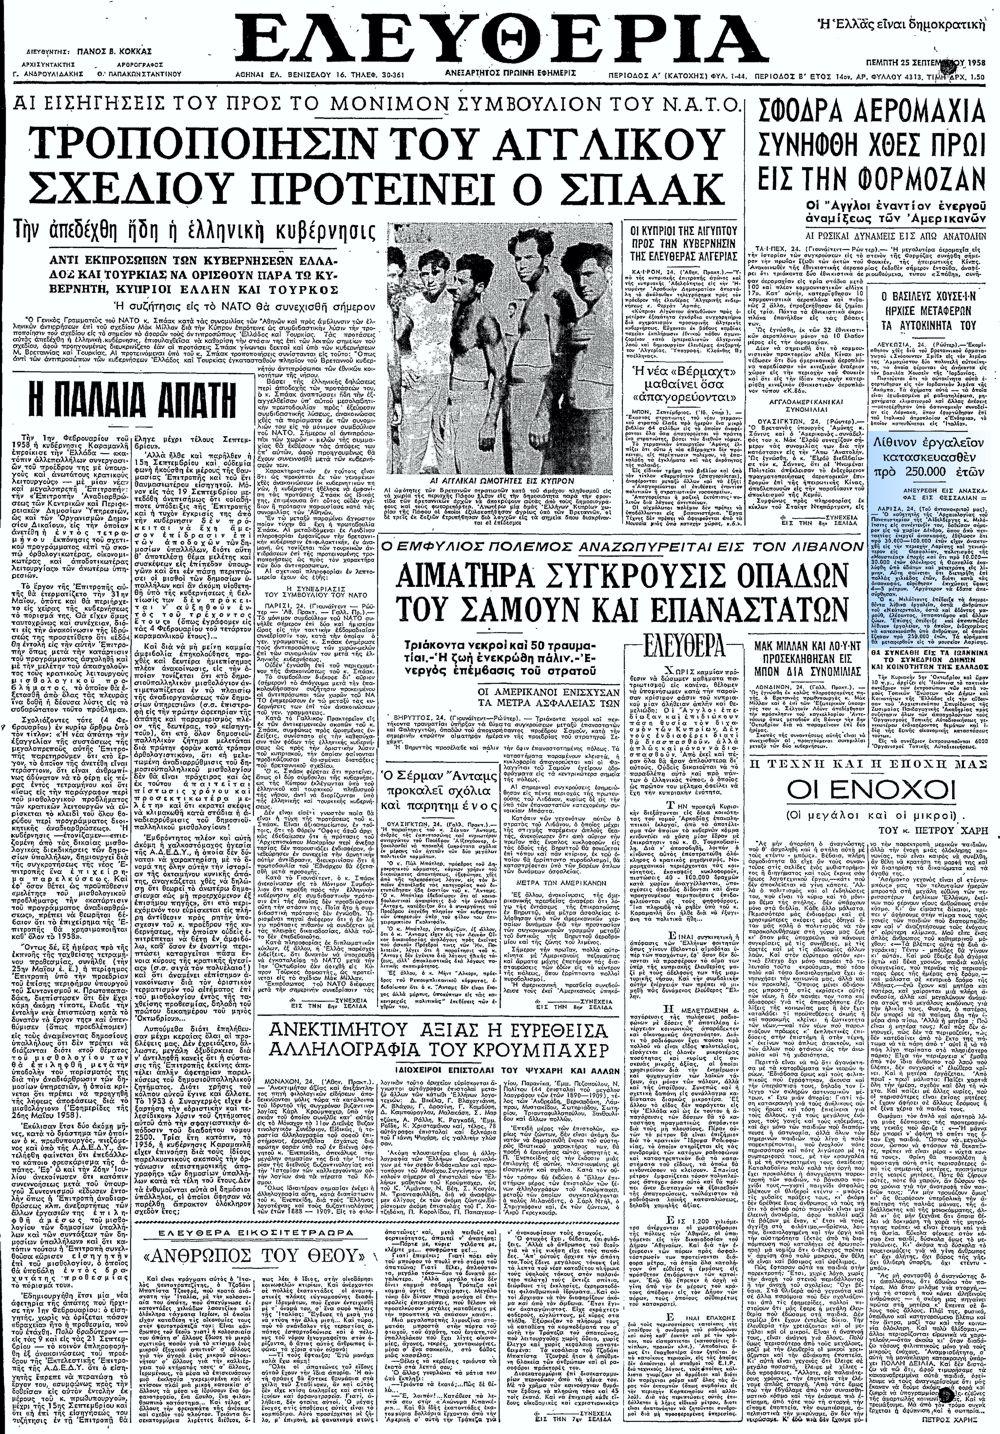 """Το άρθρο, όπως δημοσιεύθηκε στην εφημερίδα """"ΕΛΕΥΘΕΡΙΑ"""", στις 25/09/1958"""